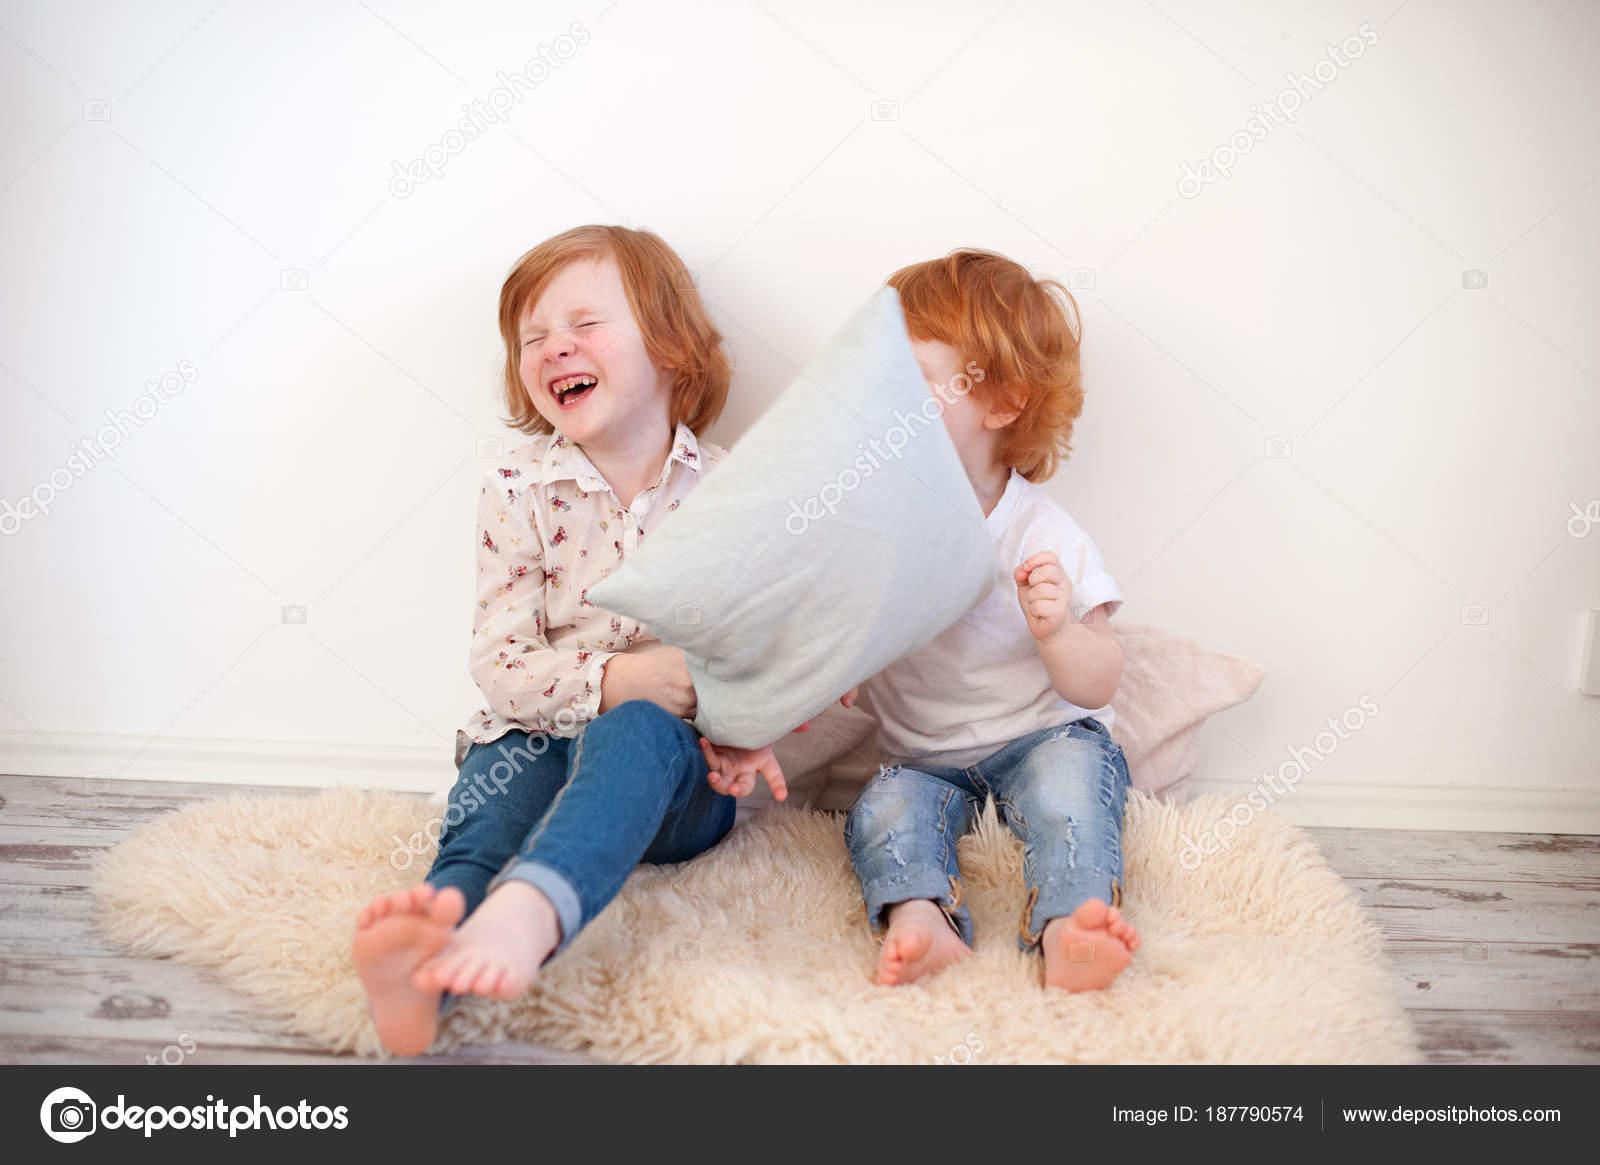 Kussens van roodharige kinderen gooien kamer u stockfoto